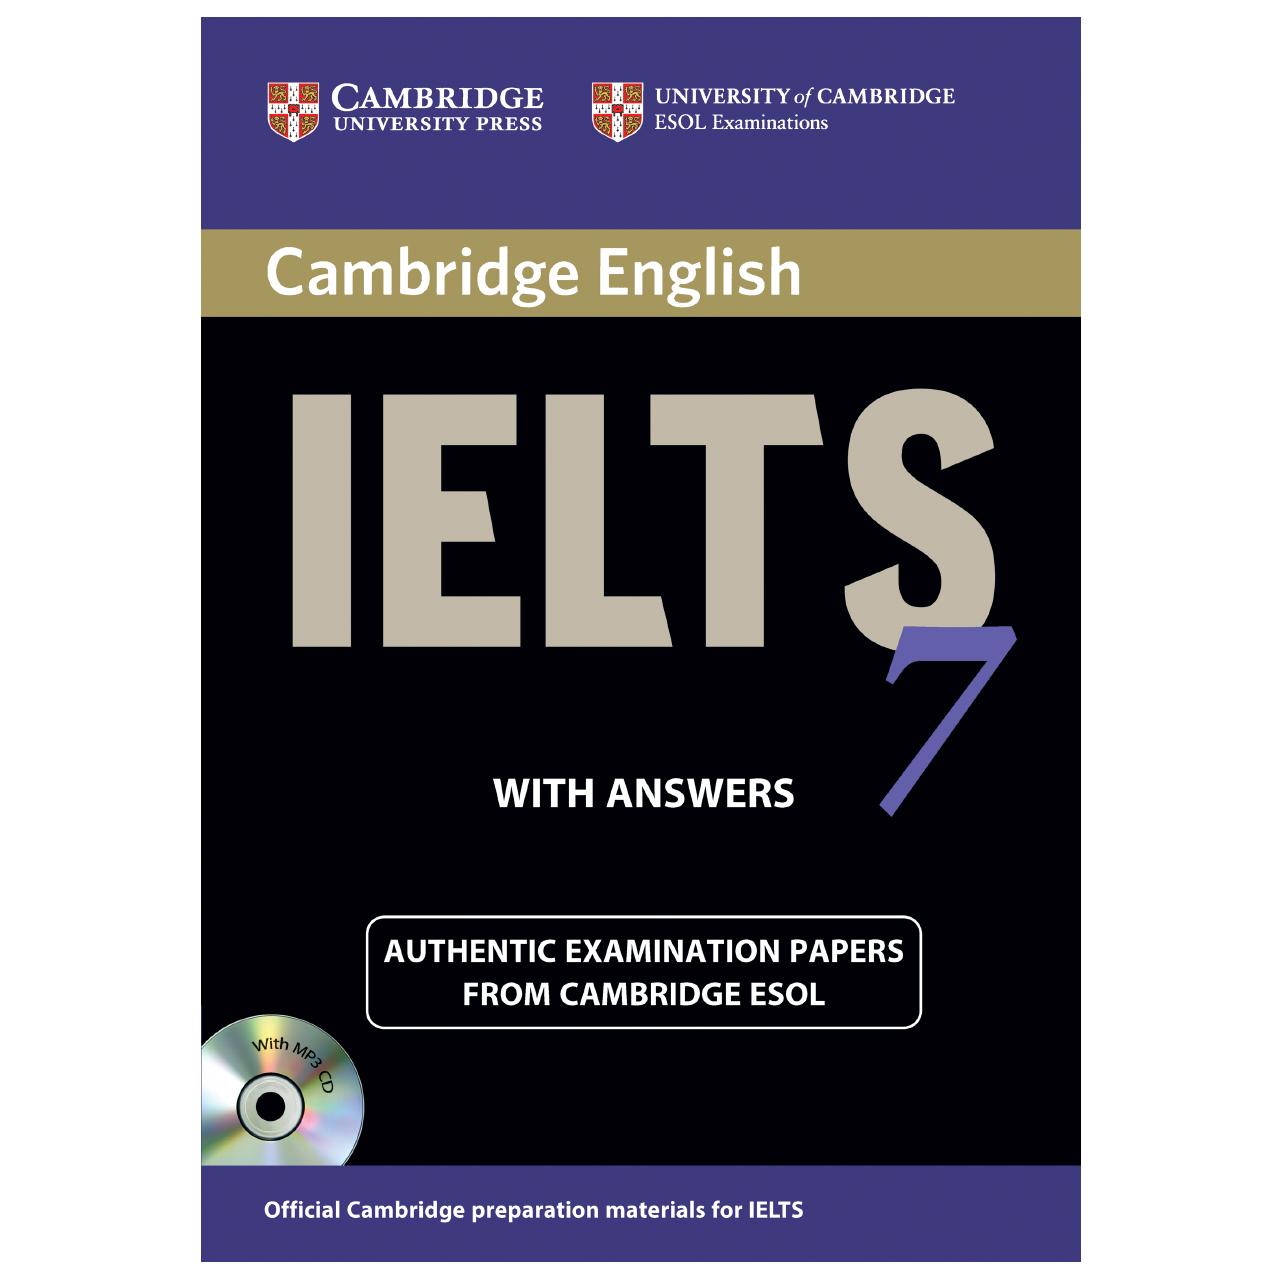 خرید                      کتاب زبان IELTS Cambridge 7 اثر جمعی از نویسندگان